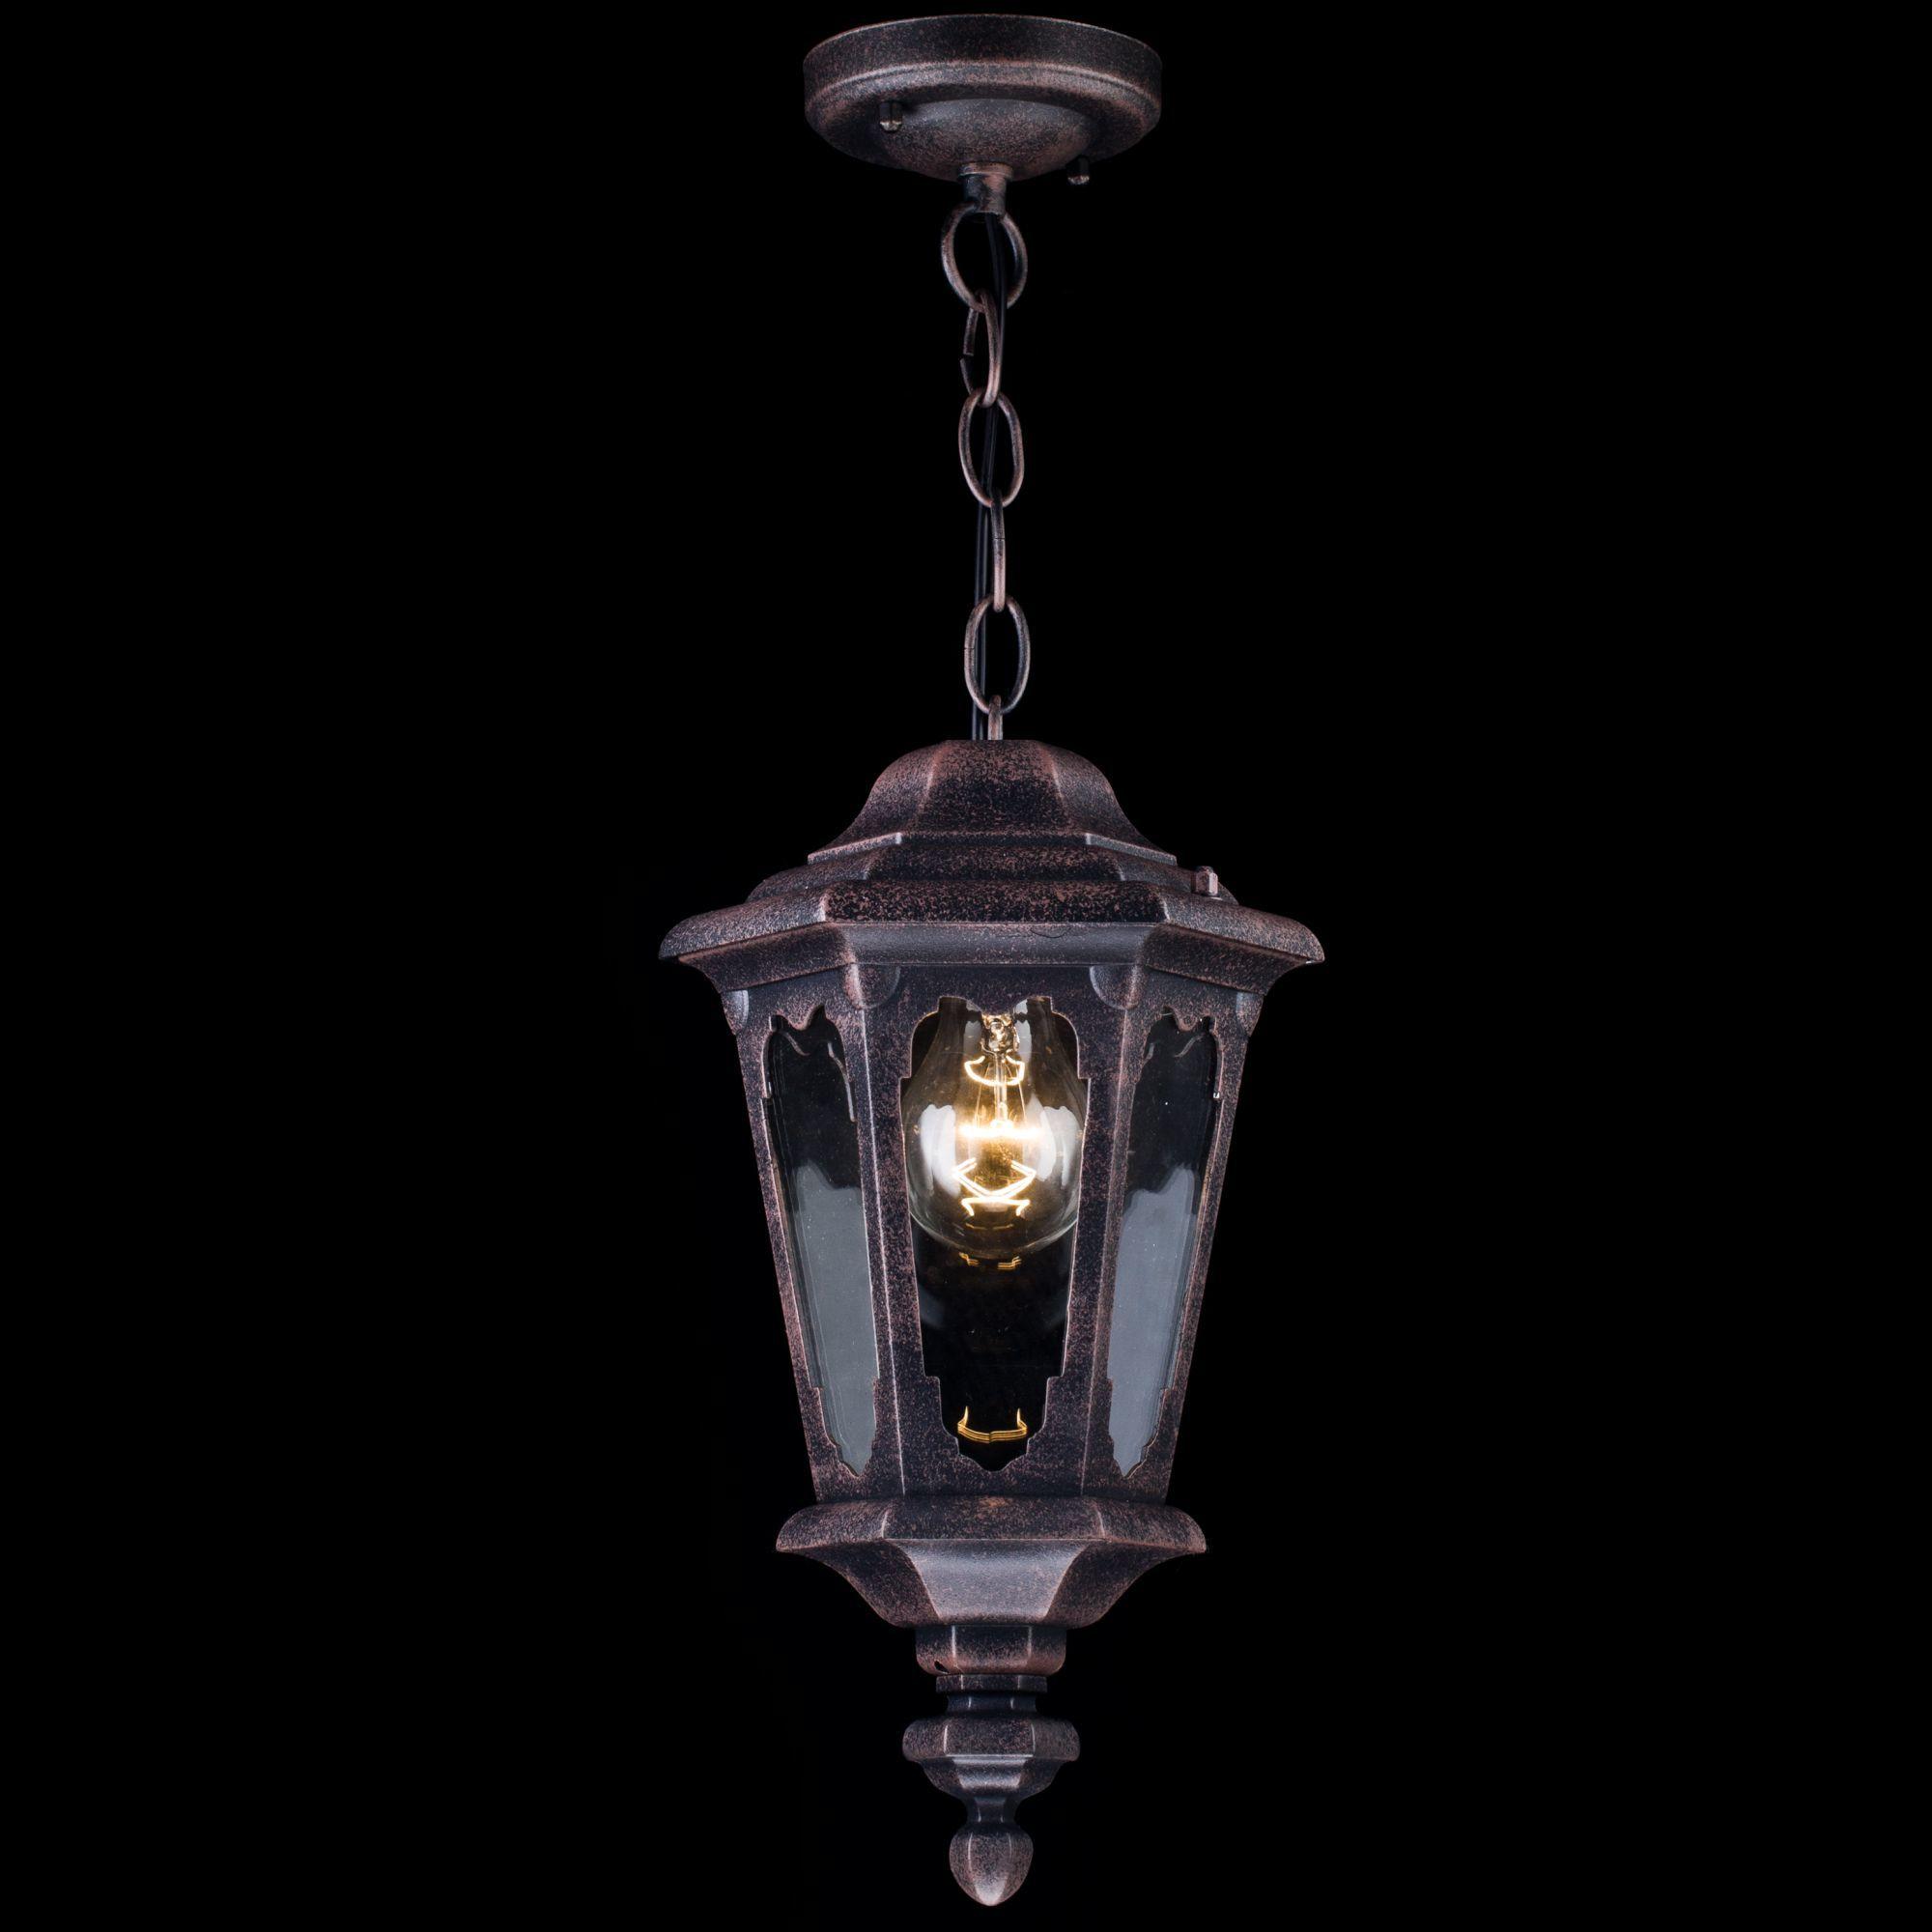 Подвесной светильник Maytoni Oxford S101-10-41-B, IP44, 1xE27x60W, черный, прозрачный, металл, стекло - фото 4